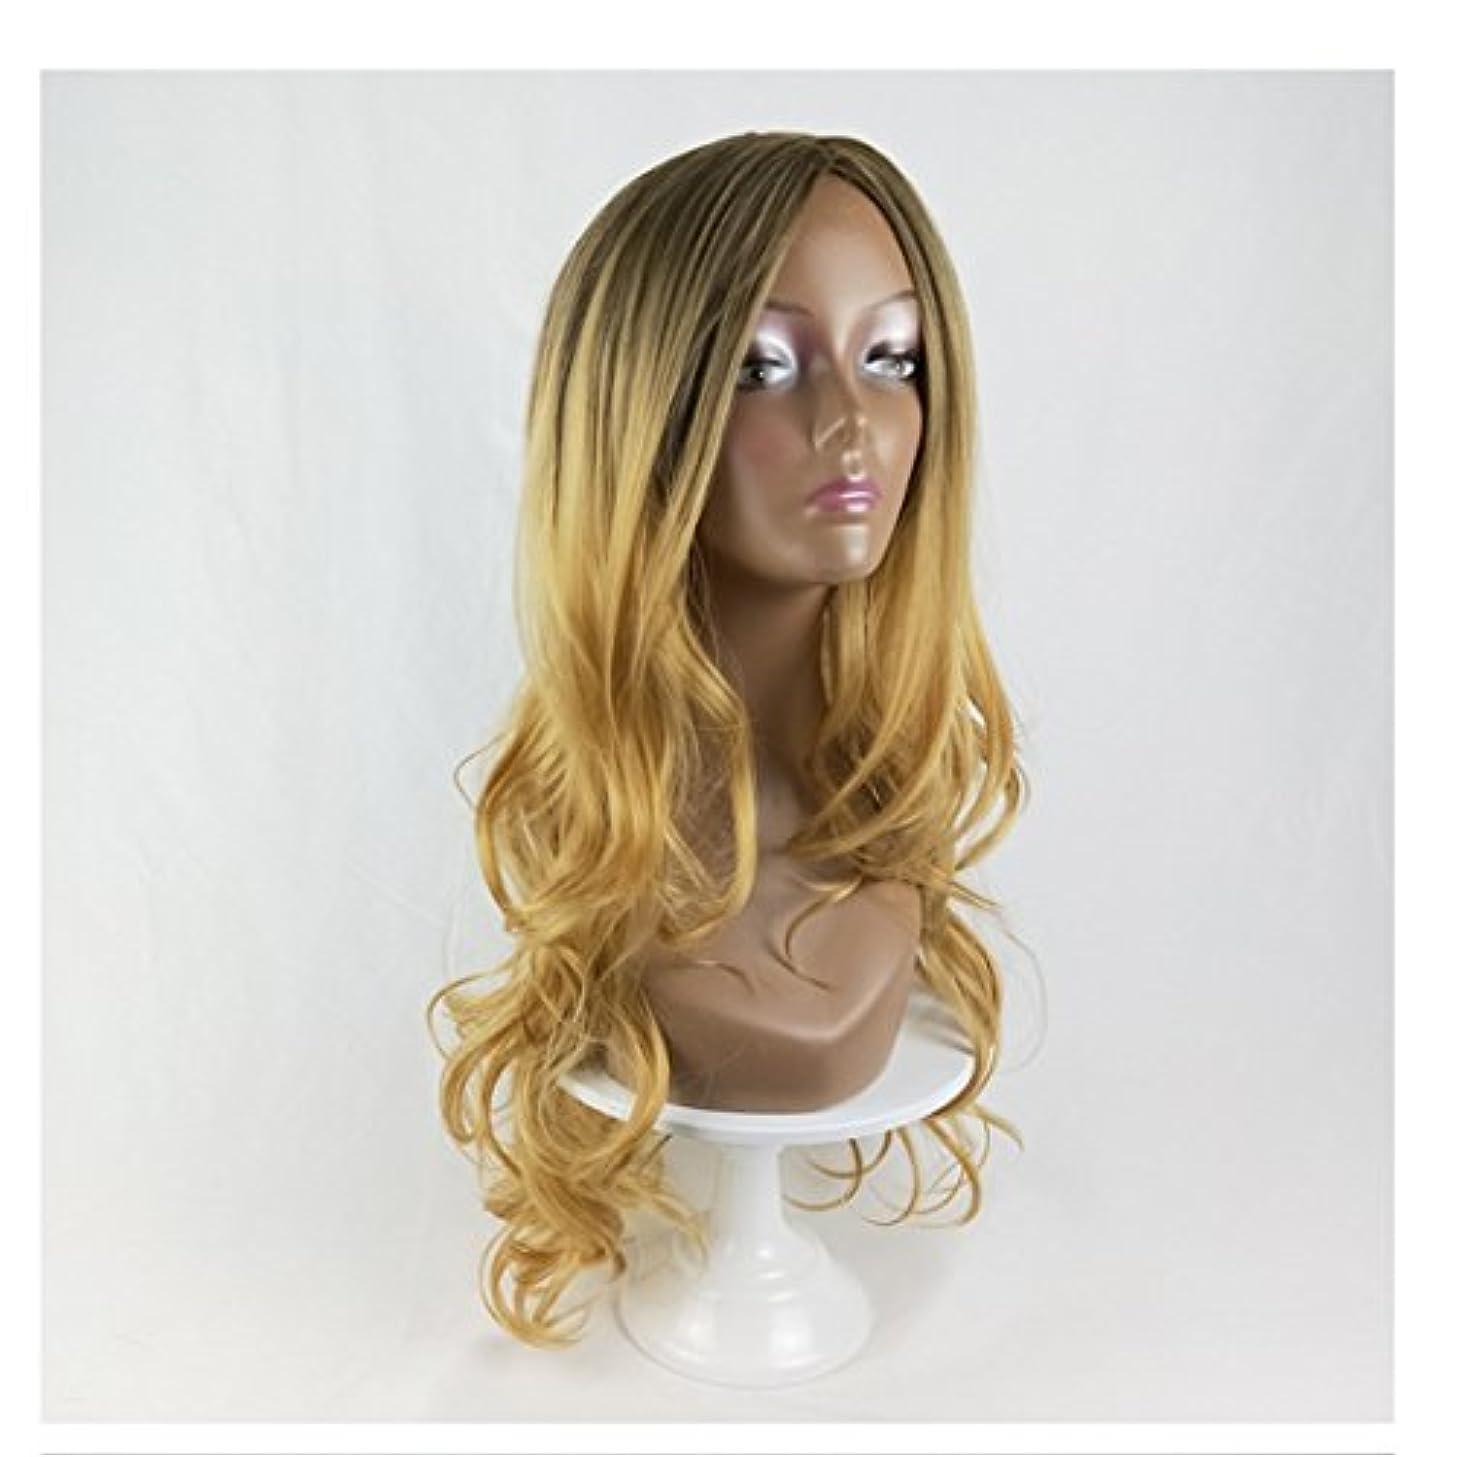 担当者鋸歯状冊子JIANFU 人形の黒コスプレウィッグ女性のための人間の髪ロングバンズウィッグ黒の女性のためのナチュラルカラーグラデーション長いカーリーウィッグ220g (Color : Black Gradient Linen Yellow)